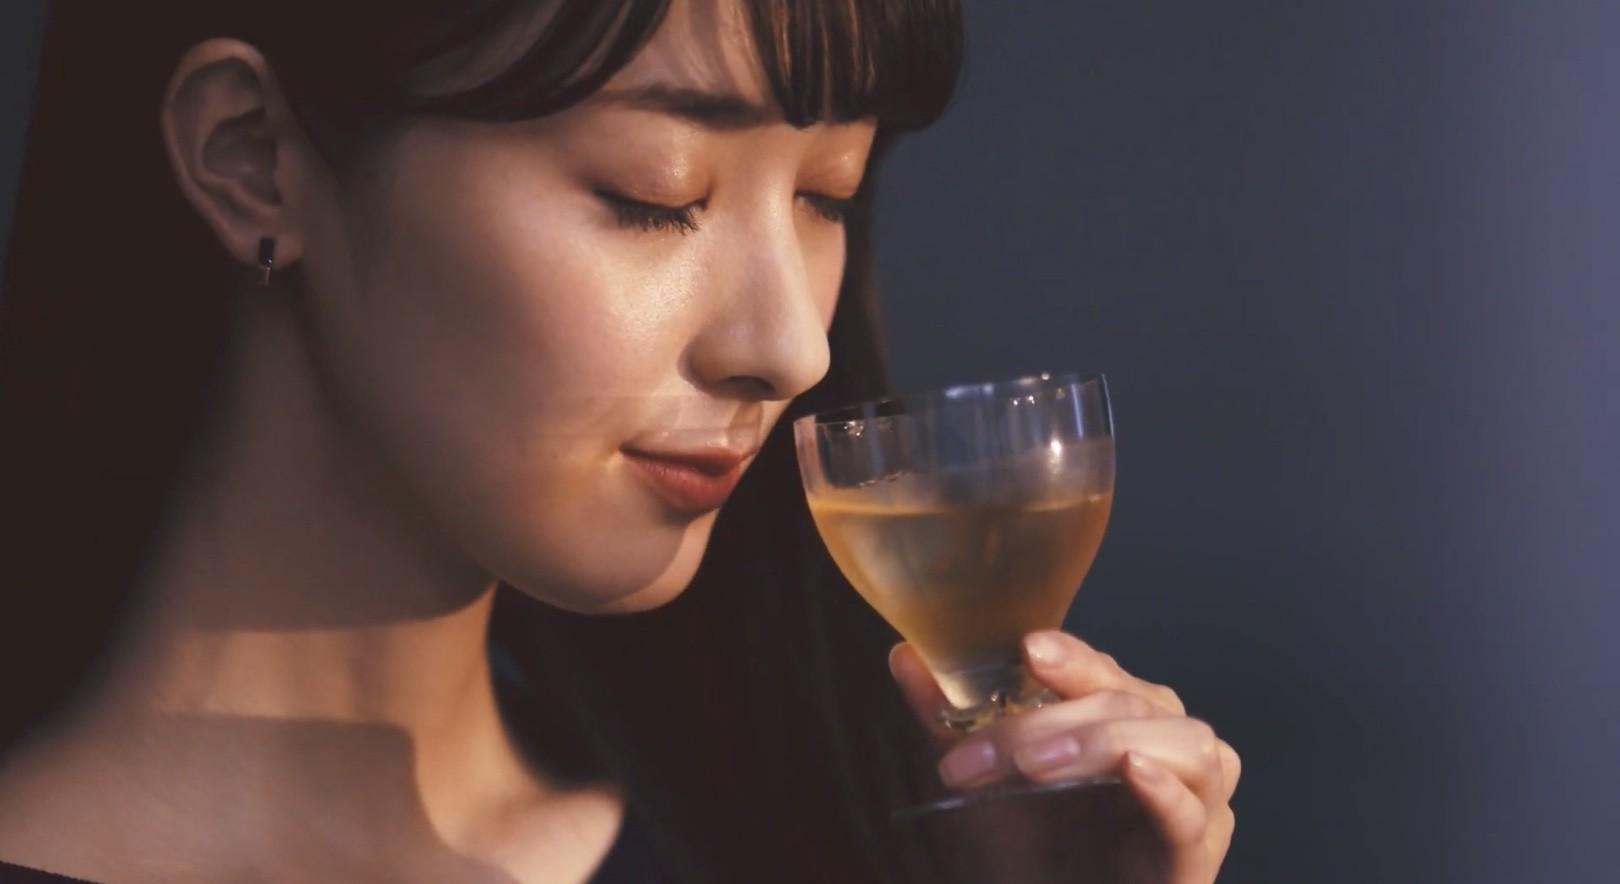 チョーヤ 梅酒 cm 場所 CHOYA(チョーヤ)ウメッシュのCM女優は誰?ロケ地はどこ?